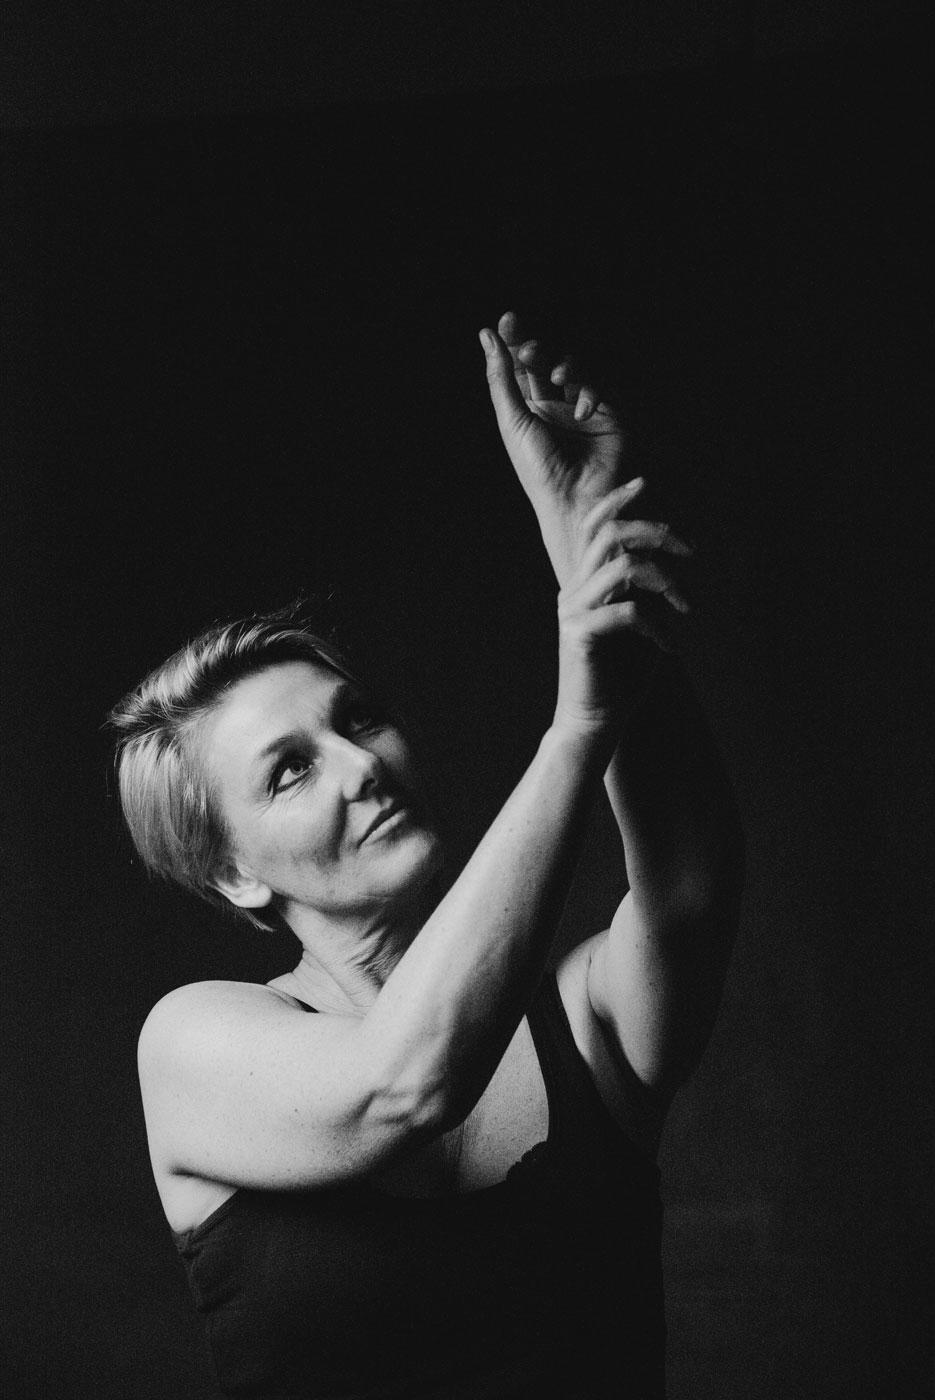 portrait d'une femme qui pose pour une seance confiance en soi frederique jouvin photographe rennesrait estime de soi rennes, frederique jouvin photographe portrait d'une femme et de ses mains